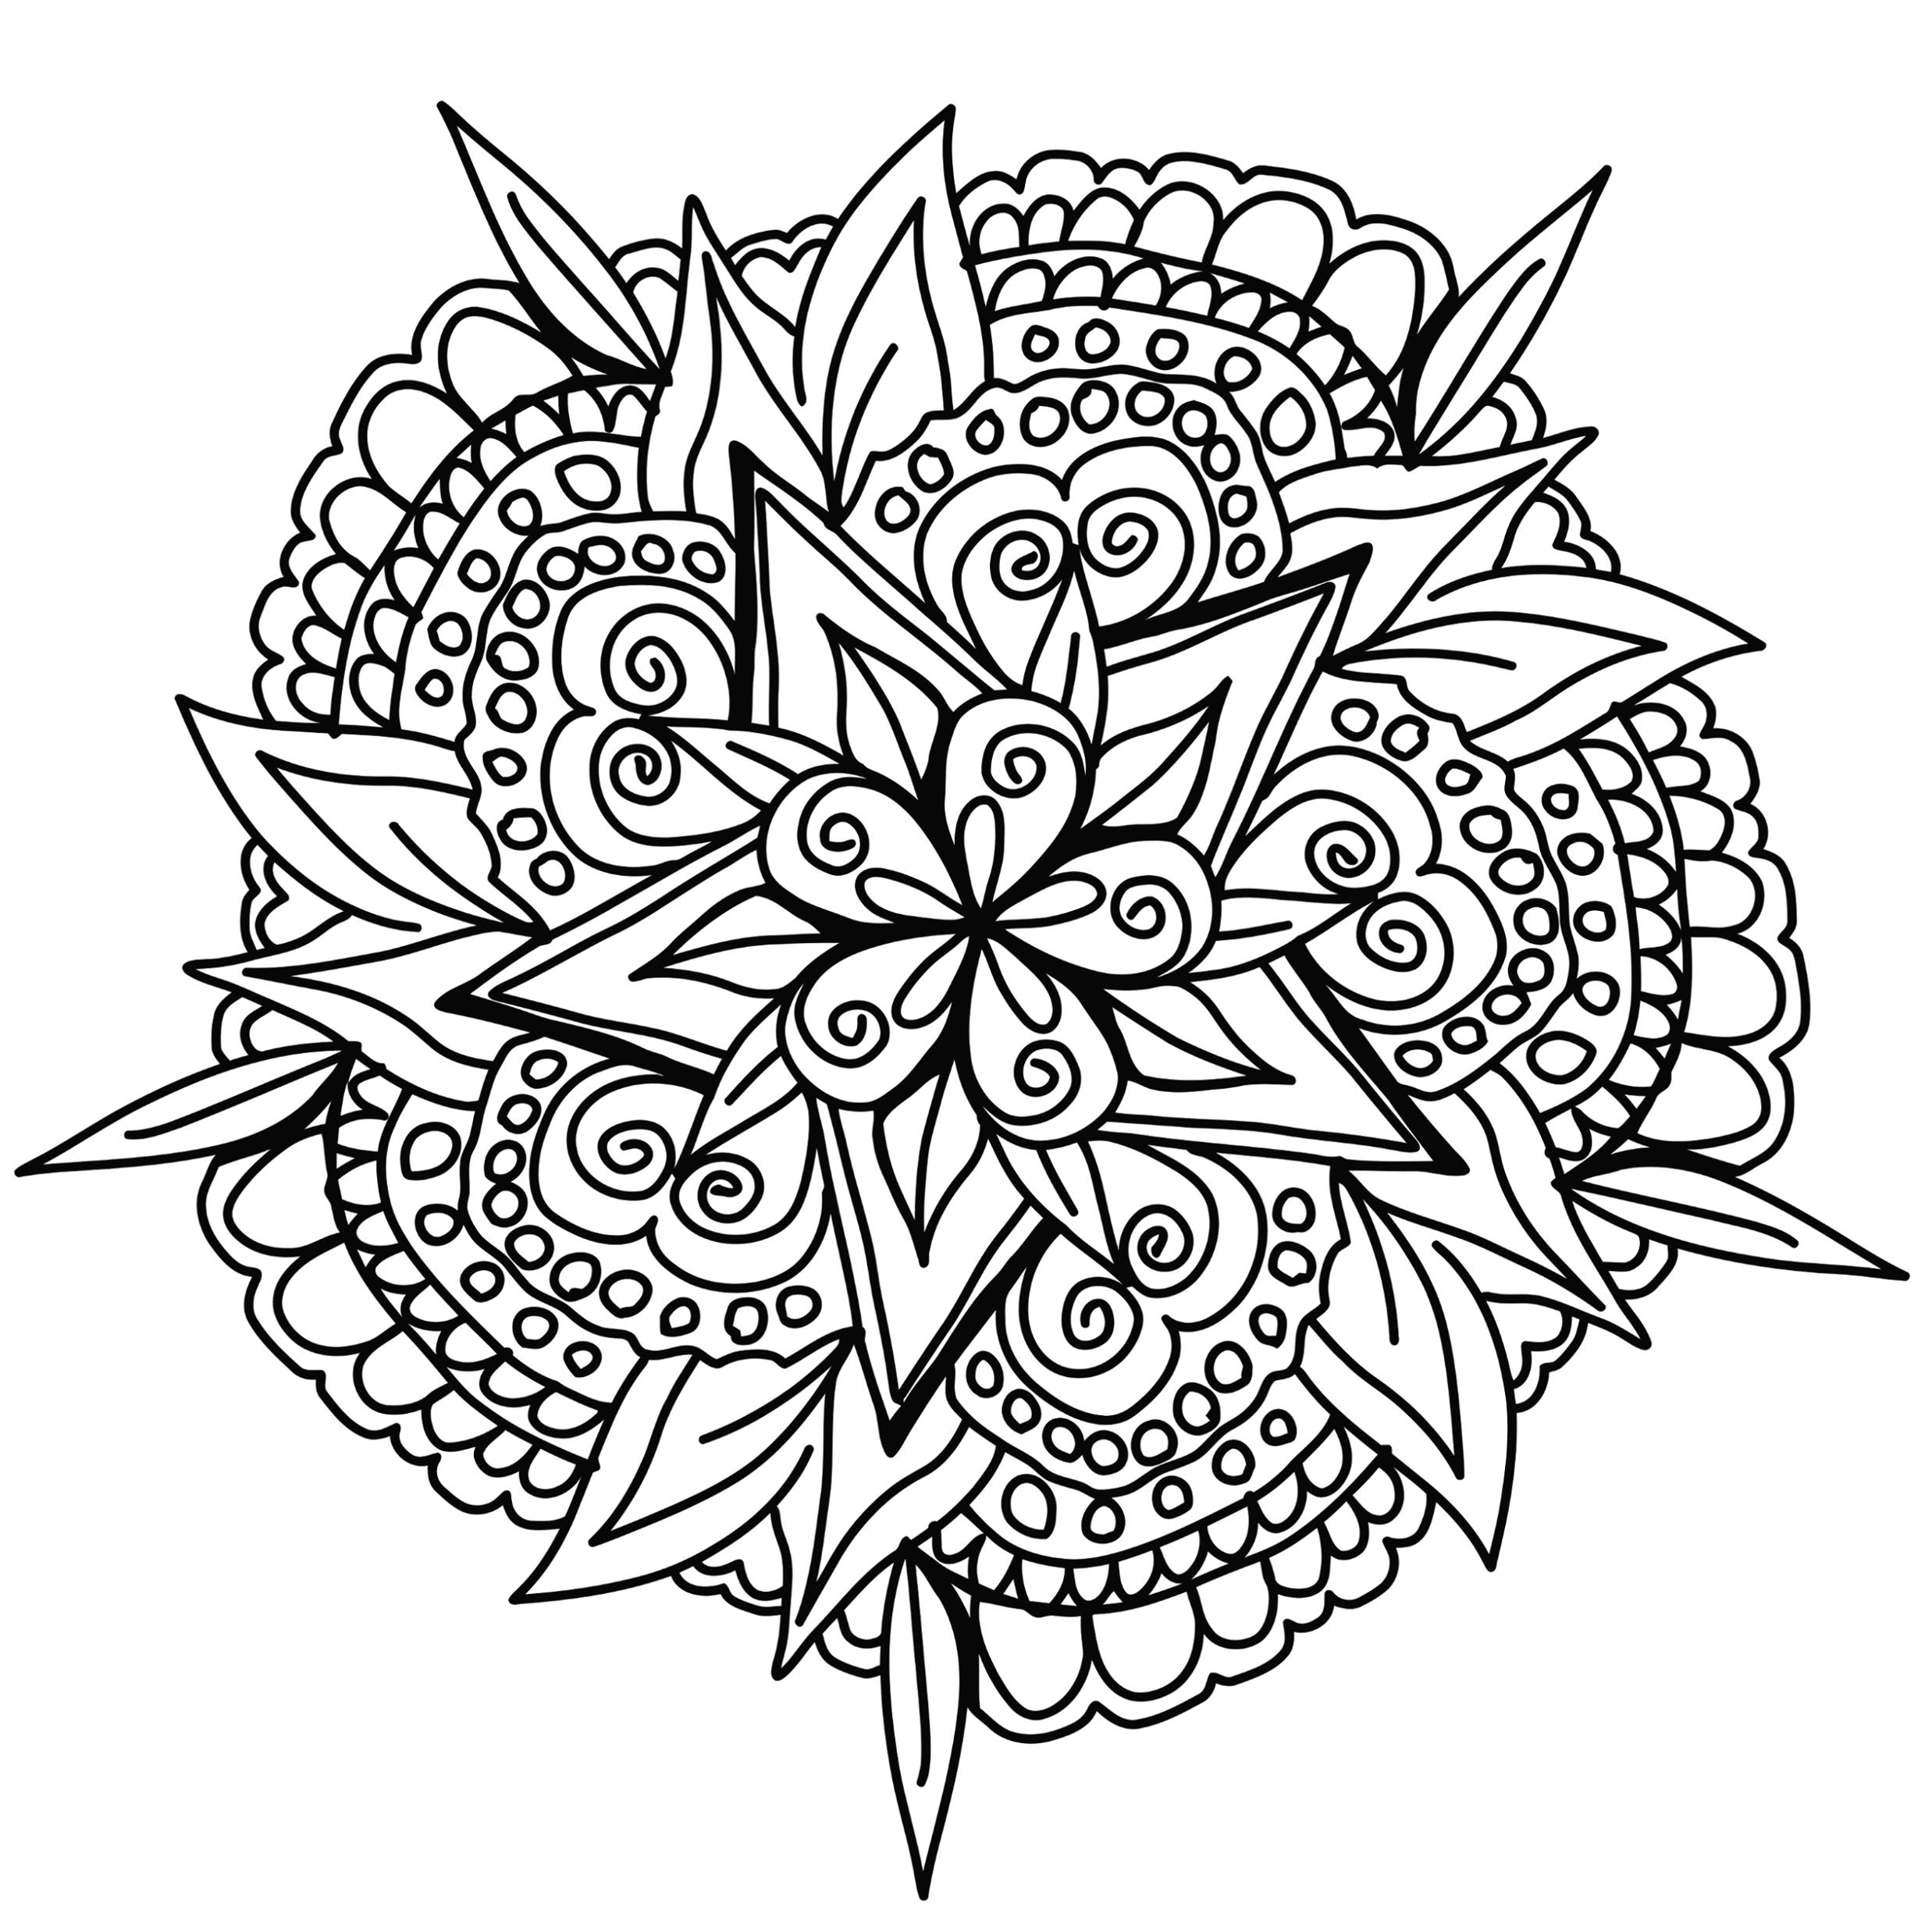 Kostenlose Mandalavorlagen Zum Herunterladen Mandala Vorlage Ausmalbilder Zeichnen Mandalas Zeichnen Mandala Zum Ausdrucken Mandalas Zum Ausdrucken